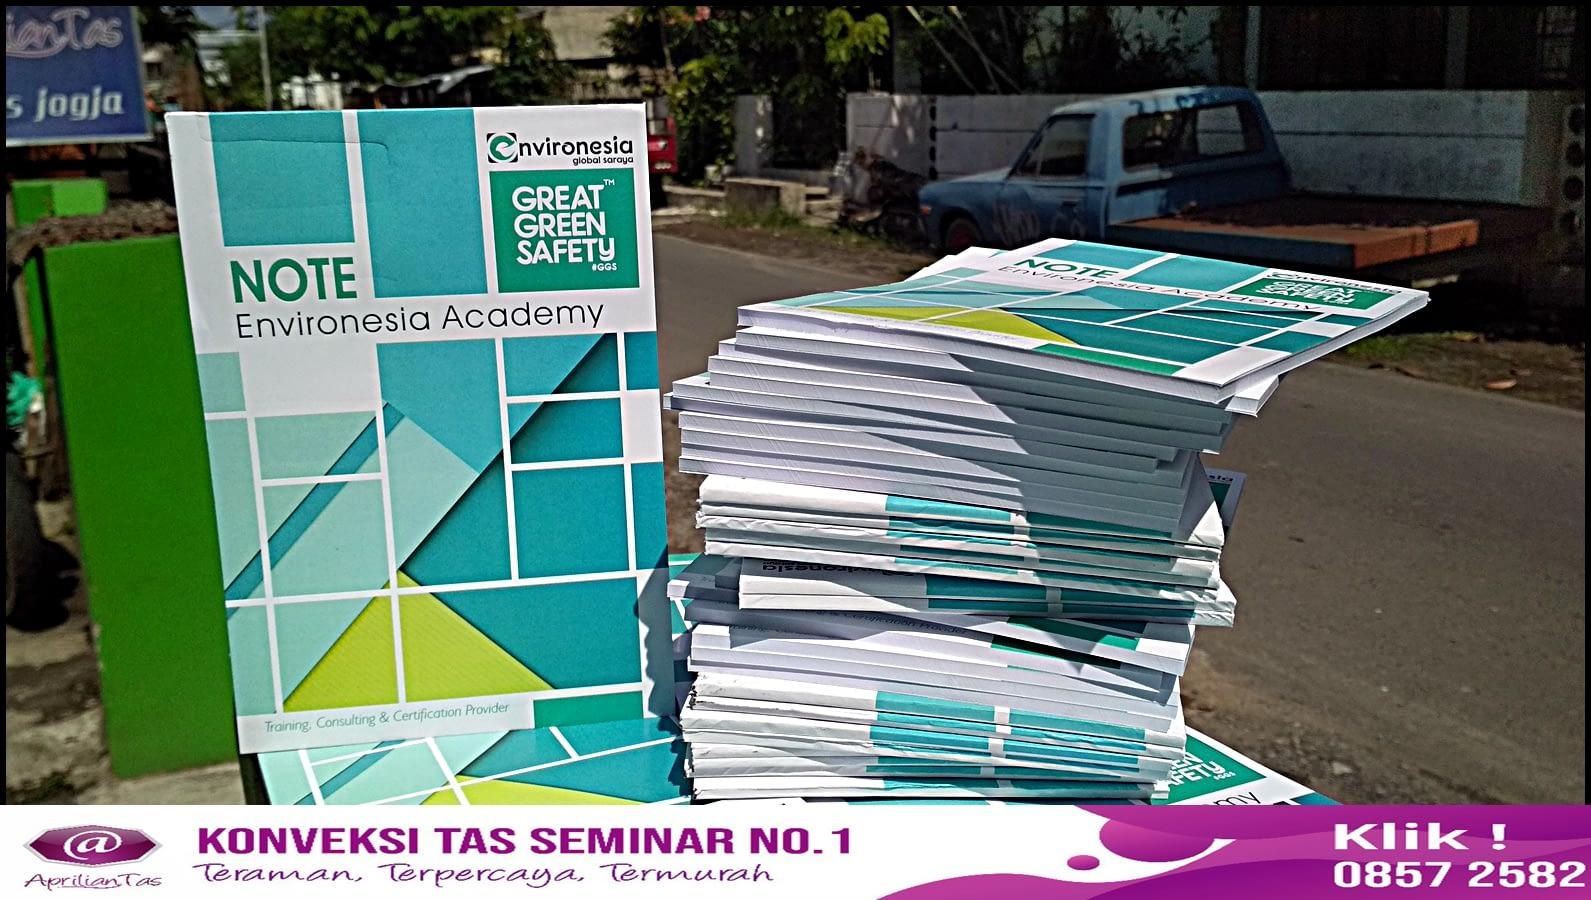 Tas seminar bahan,tas seminar batik laptop,tas seminar cepat,tas kanvas seminar, produsen tas bandung,produsen tas garut,produsen tas jogja,